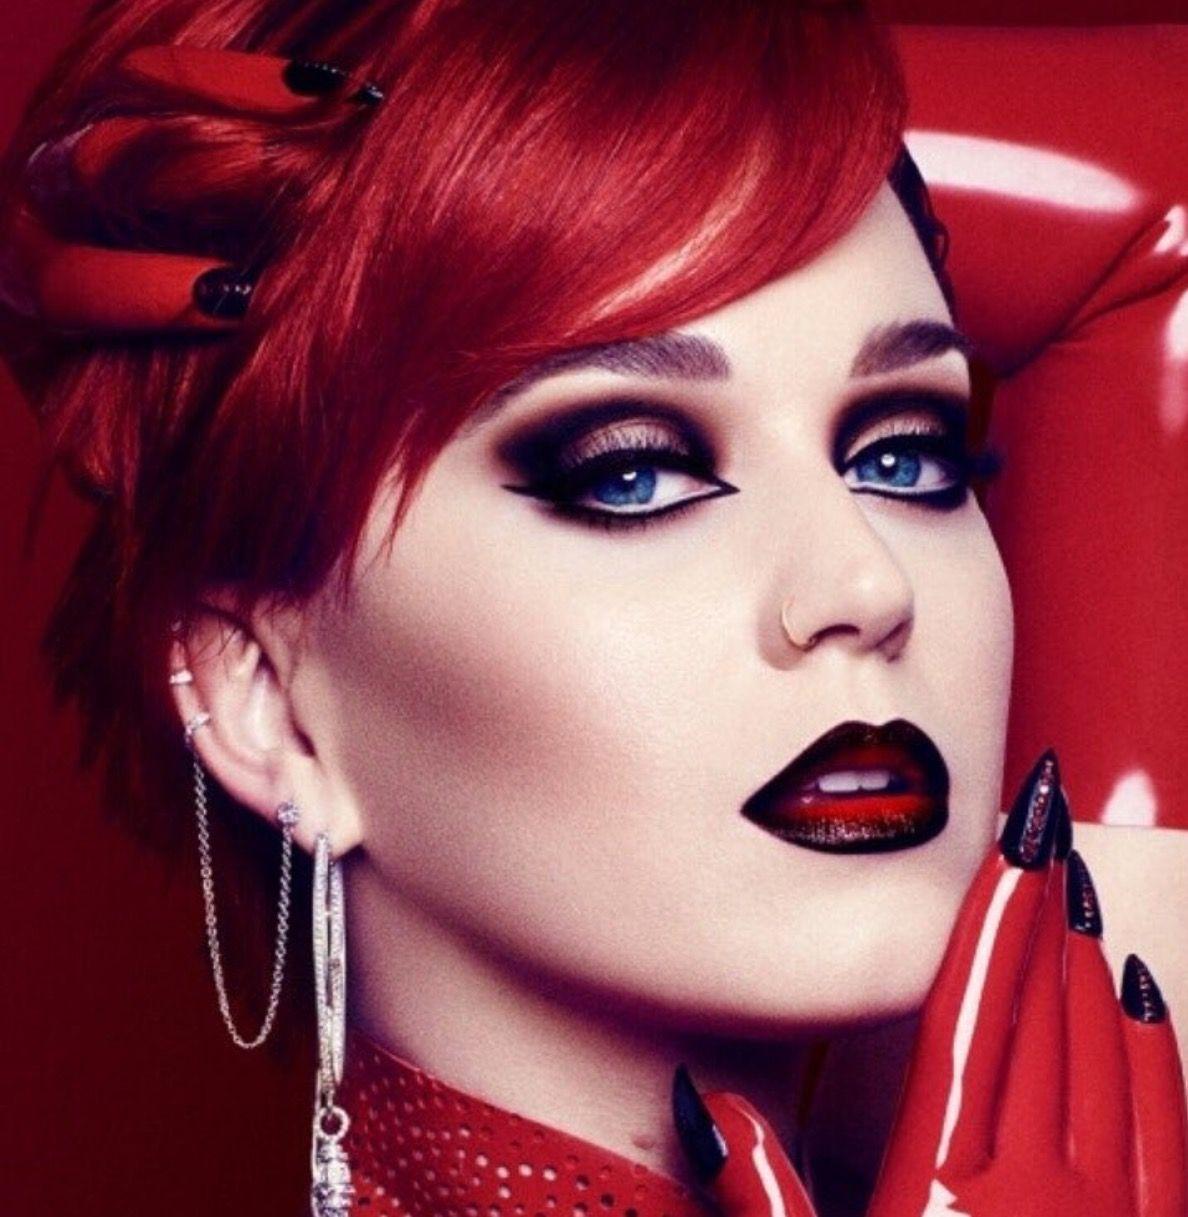 Pin By Shon Hyungsun Ju On Wigs By Shon Hyungsun Ju Katy Perry Hair Katy Perry Katy Kat Matte